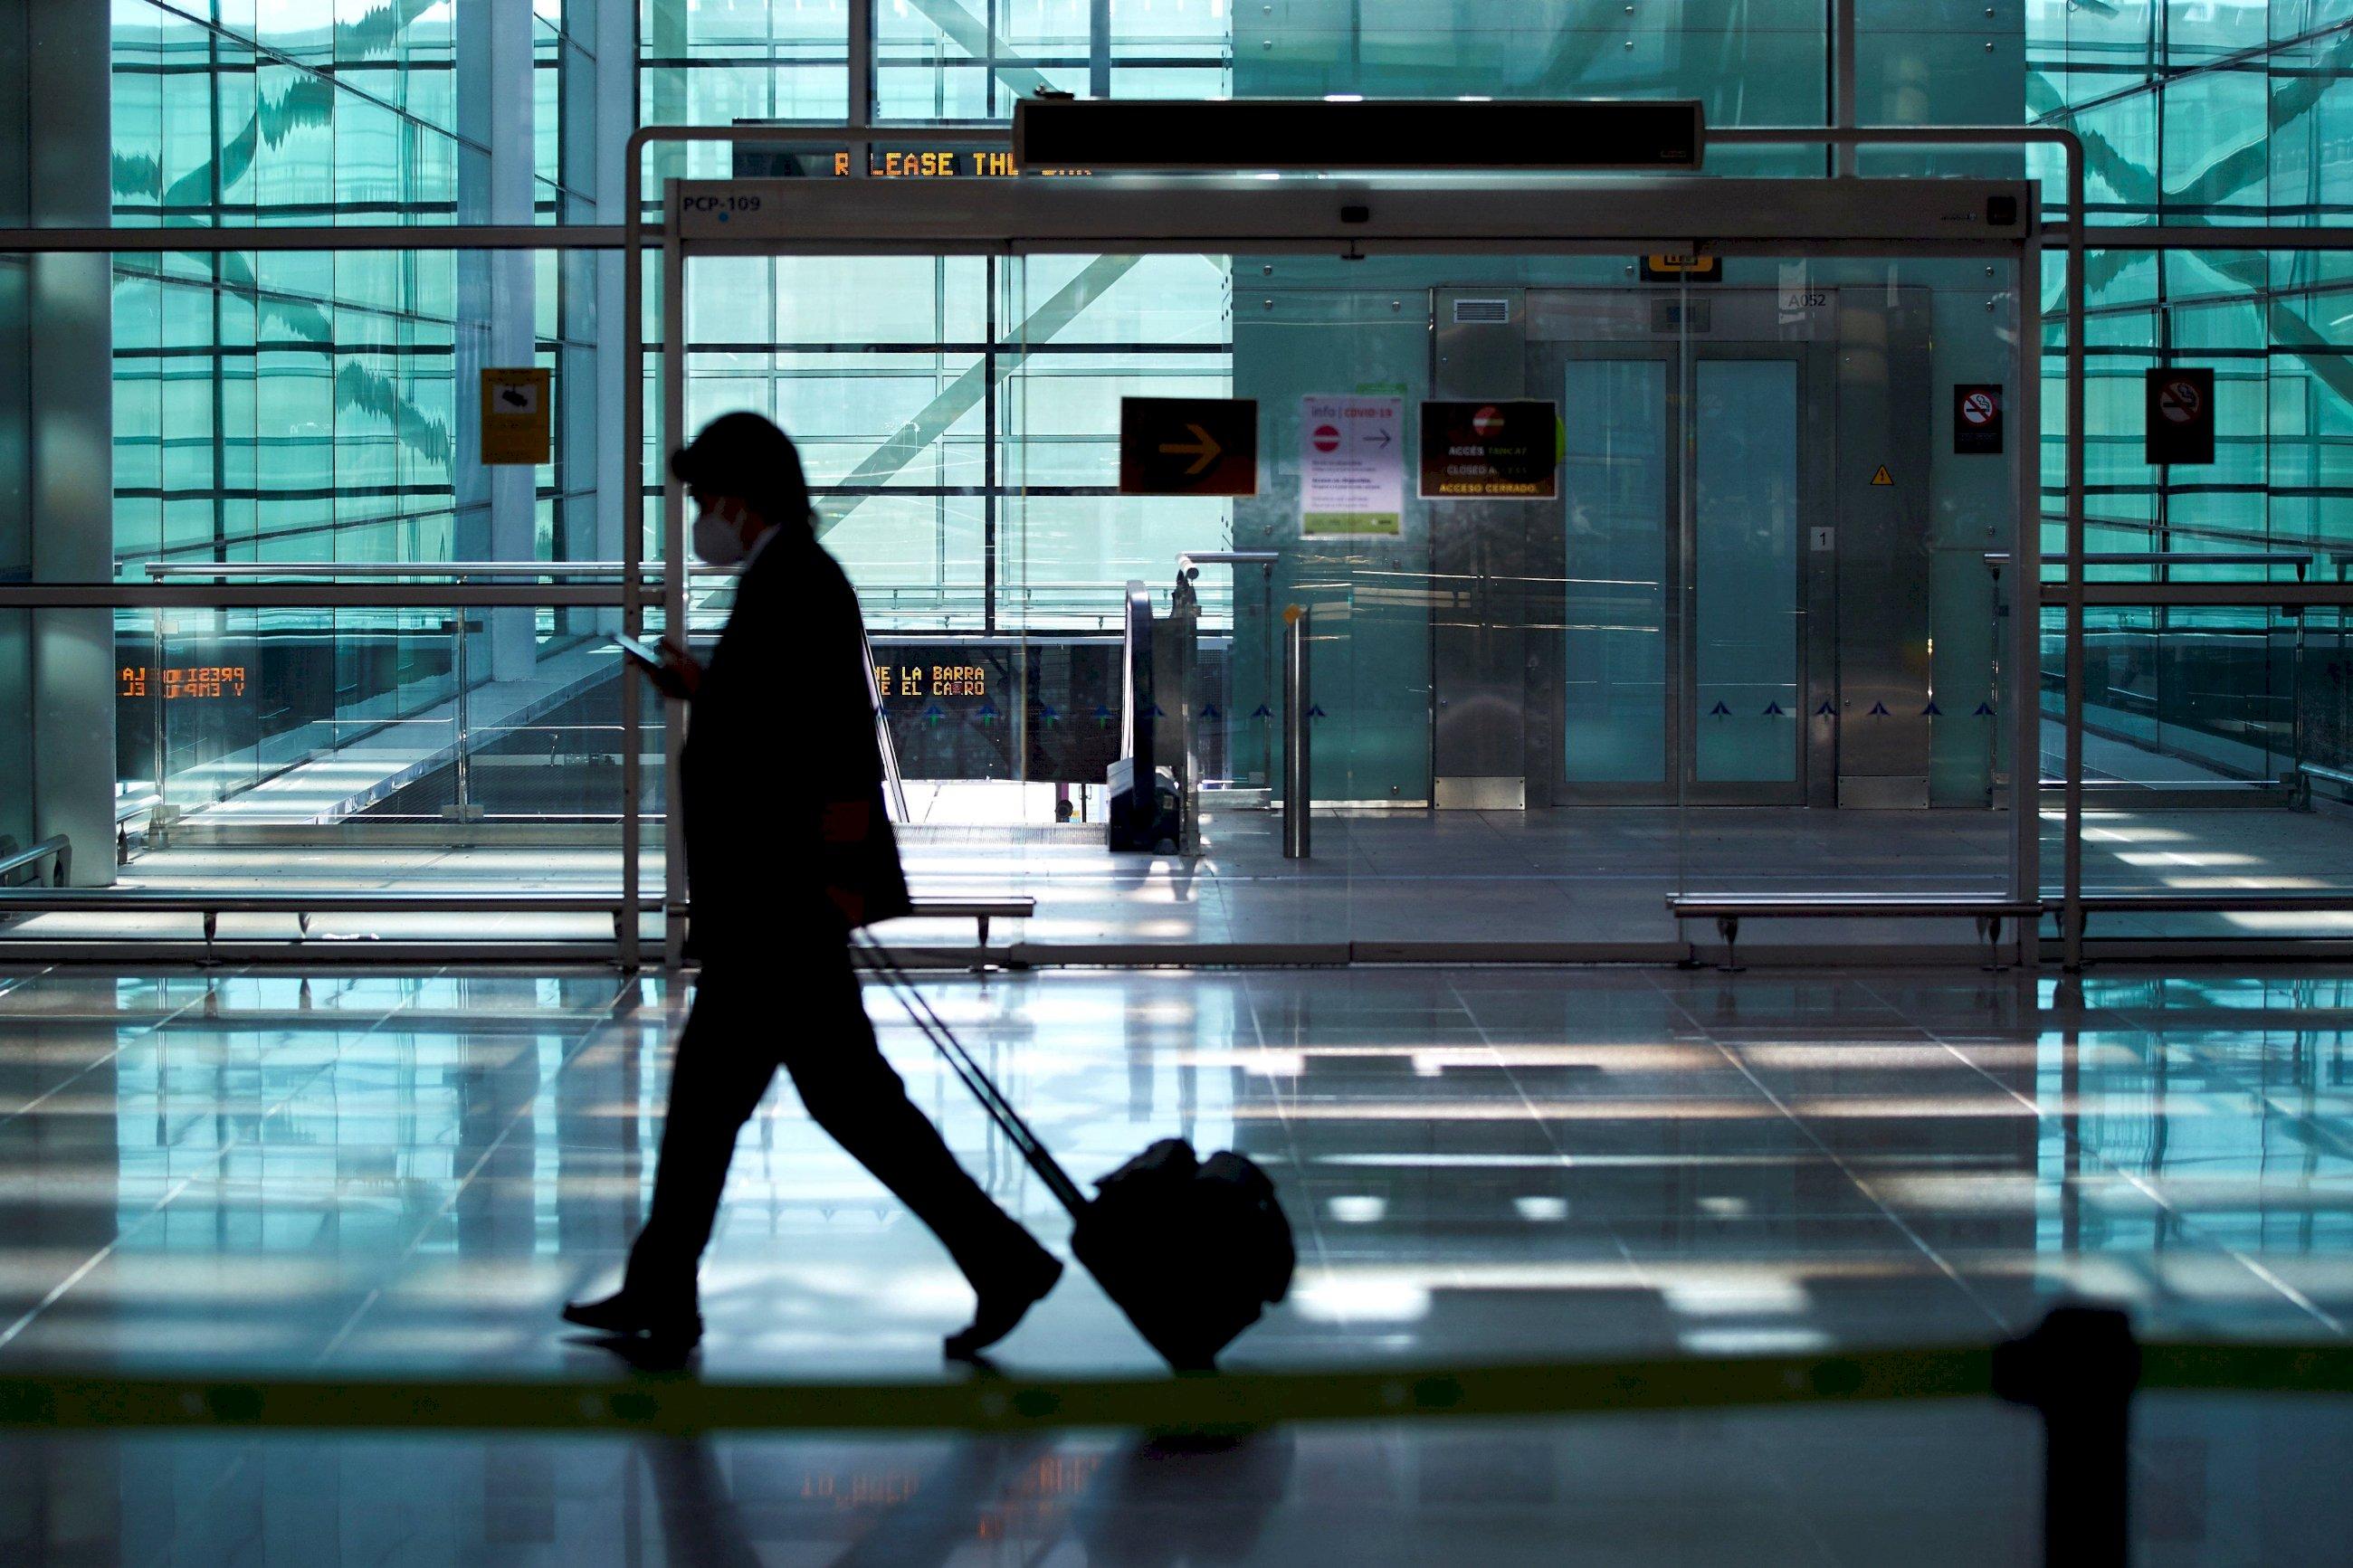 Un viajero a su llegada al aeropuerto de El Prat de Barcelona el 23 de noviembre de 2020, el primer día en que los turistas estaban obligados a presentar una prueba PCR negativa de coronavirus para entrar a España | EFE/AG